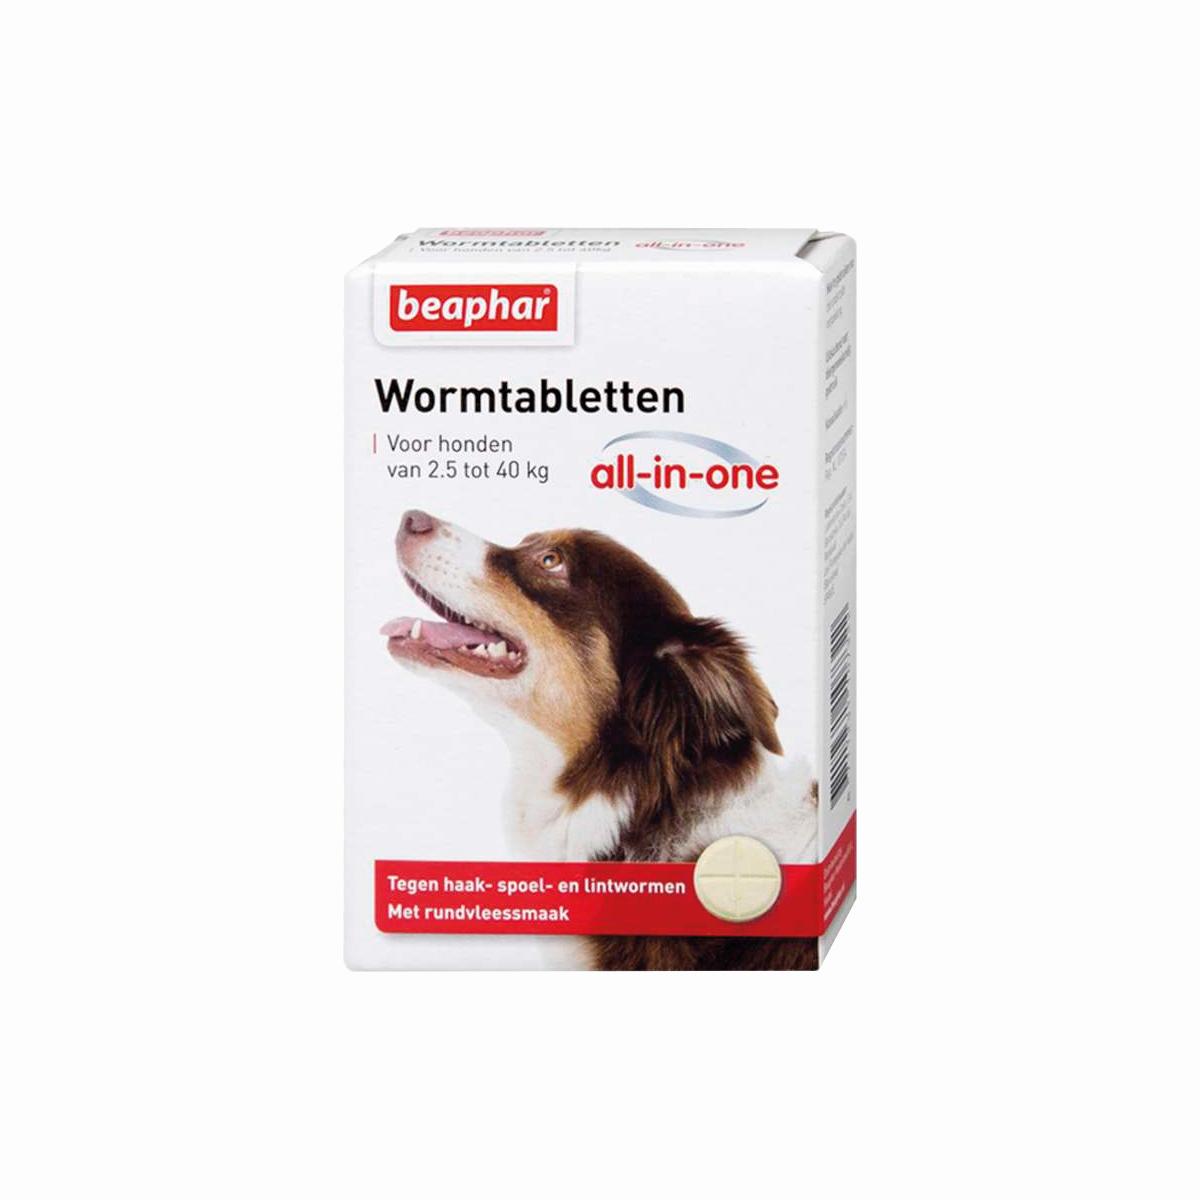 Beaphar Wormmiddel All-in-One (2,5 - 40 kg) hond 4 Tabletten